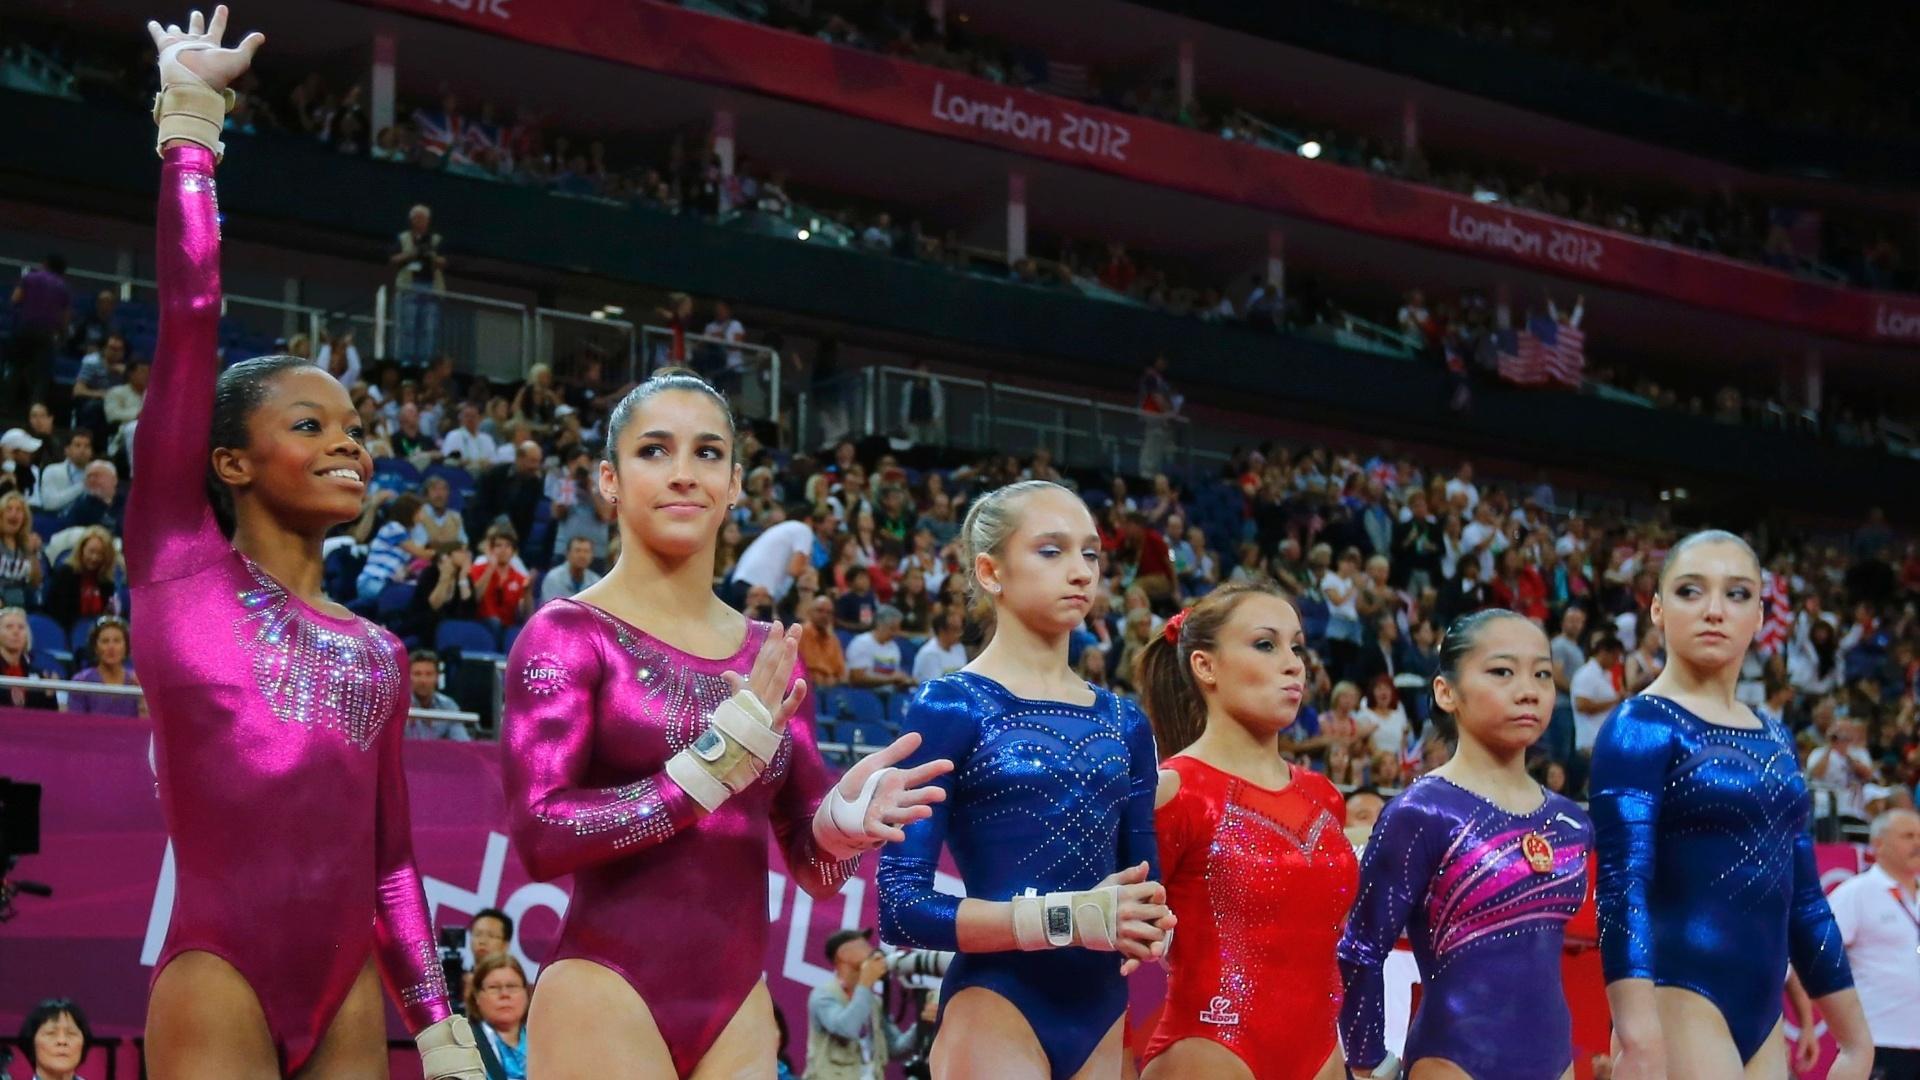 Um dos blocos da final desta quinta-feira contava justamente com as quatro ginastas mais fortes: Gabby Douglas, Aly Raisman, Victoria Komova (1ª, 2ª e 3ª à esq.) e Aliya Mustafina (d)